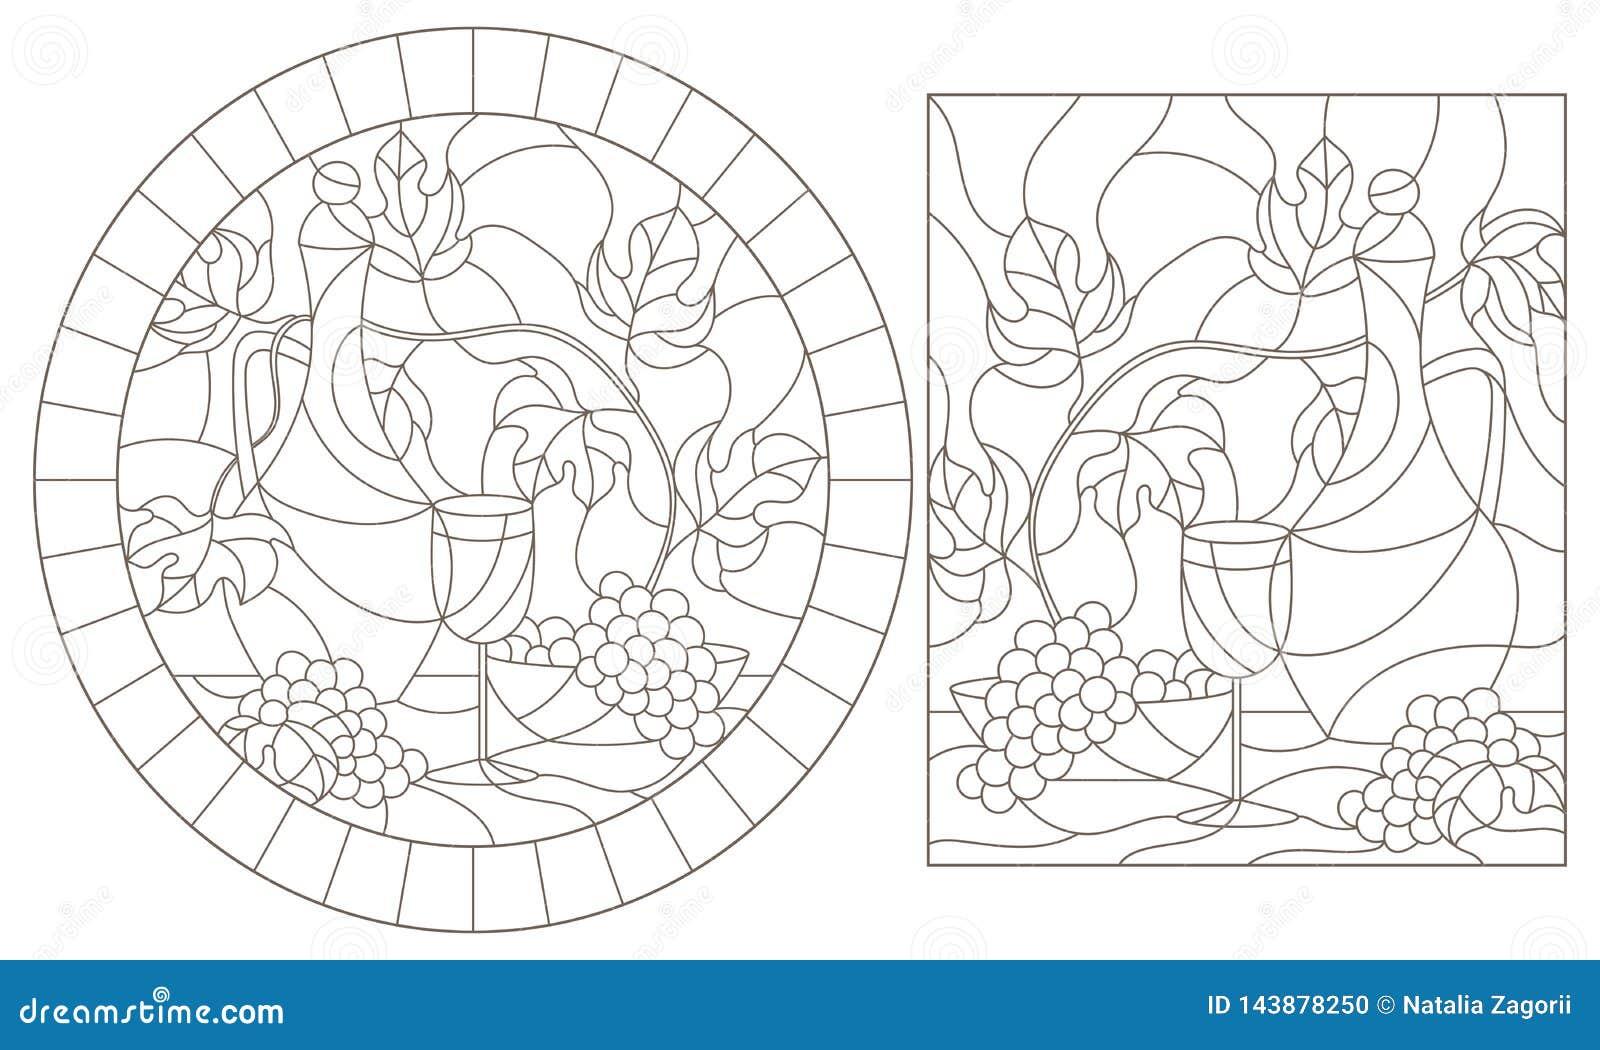 De contour plaatste met illustraties van gebrandschilderd glasvensters met nog lifes, kruik en fruit, donkere contouren op een wi